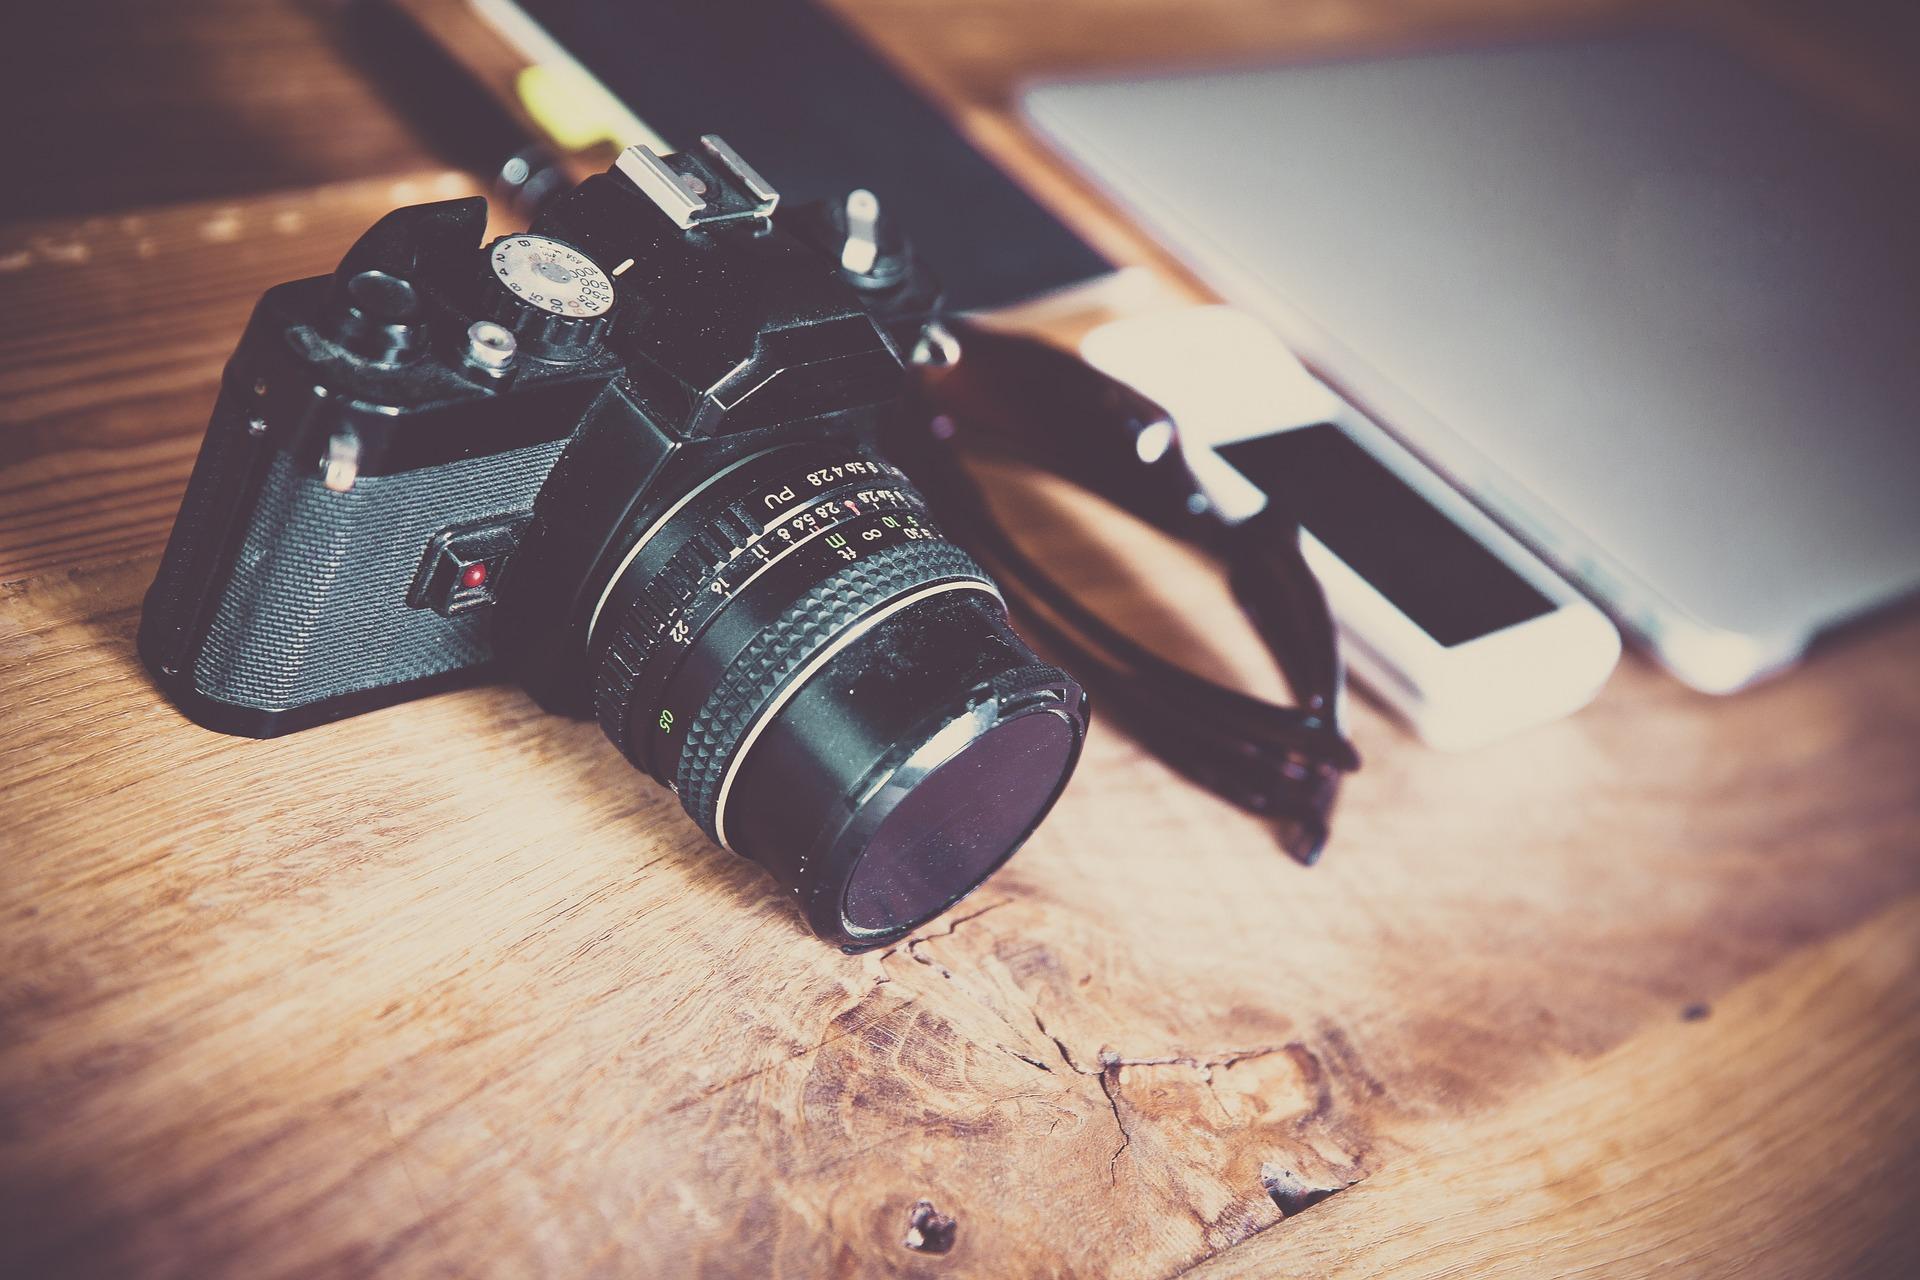 Câmera posicionada no chão